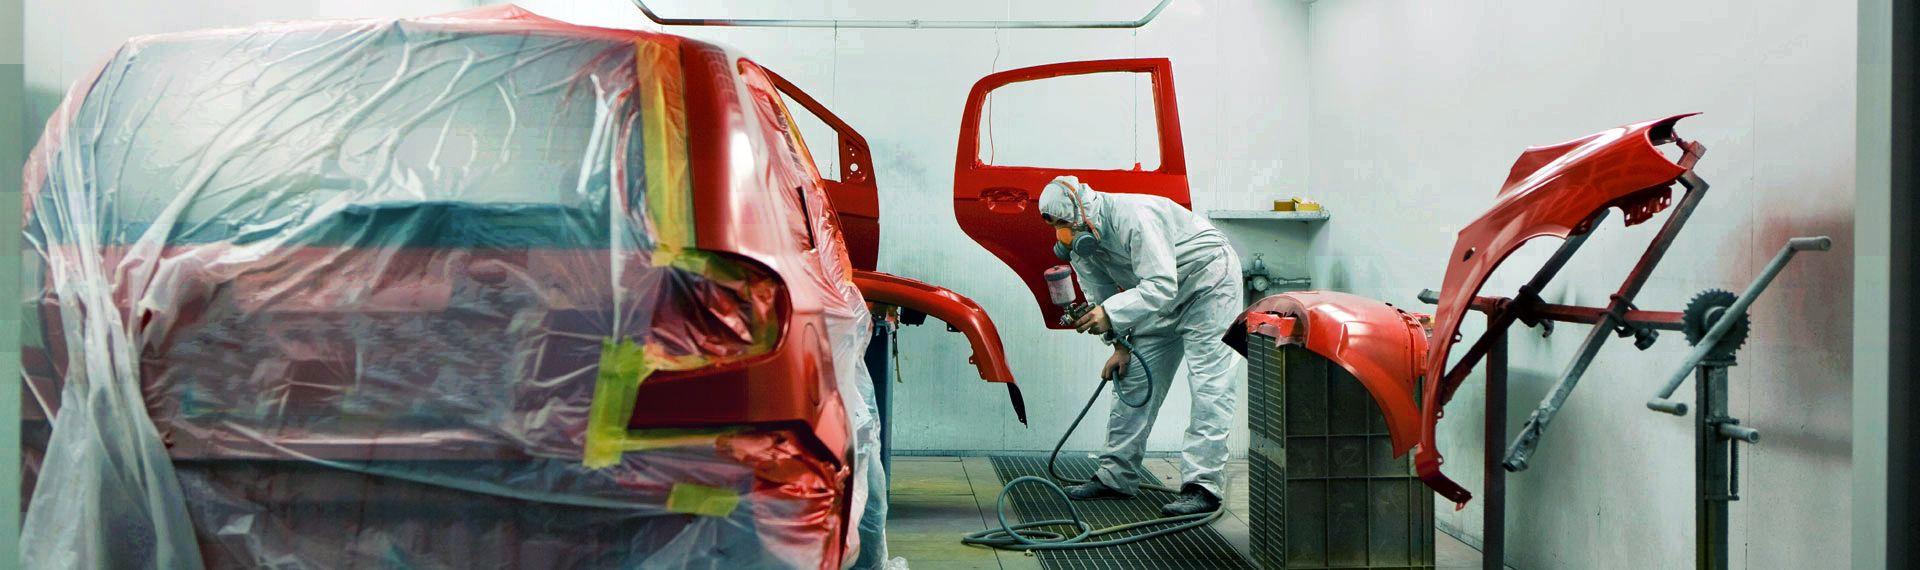 Покраска легковых автомобилей